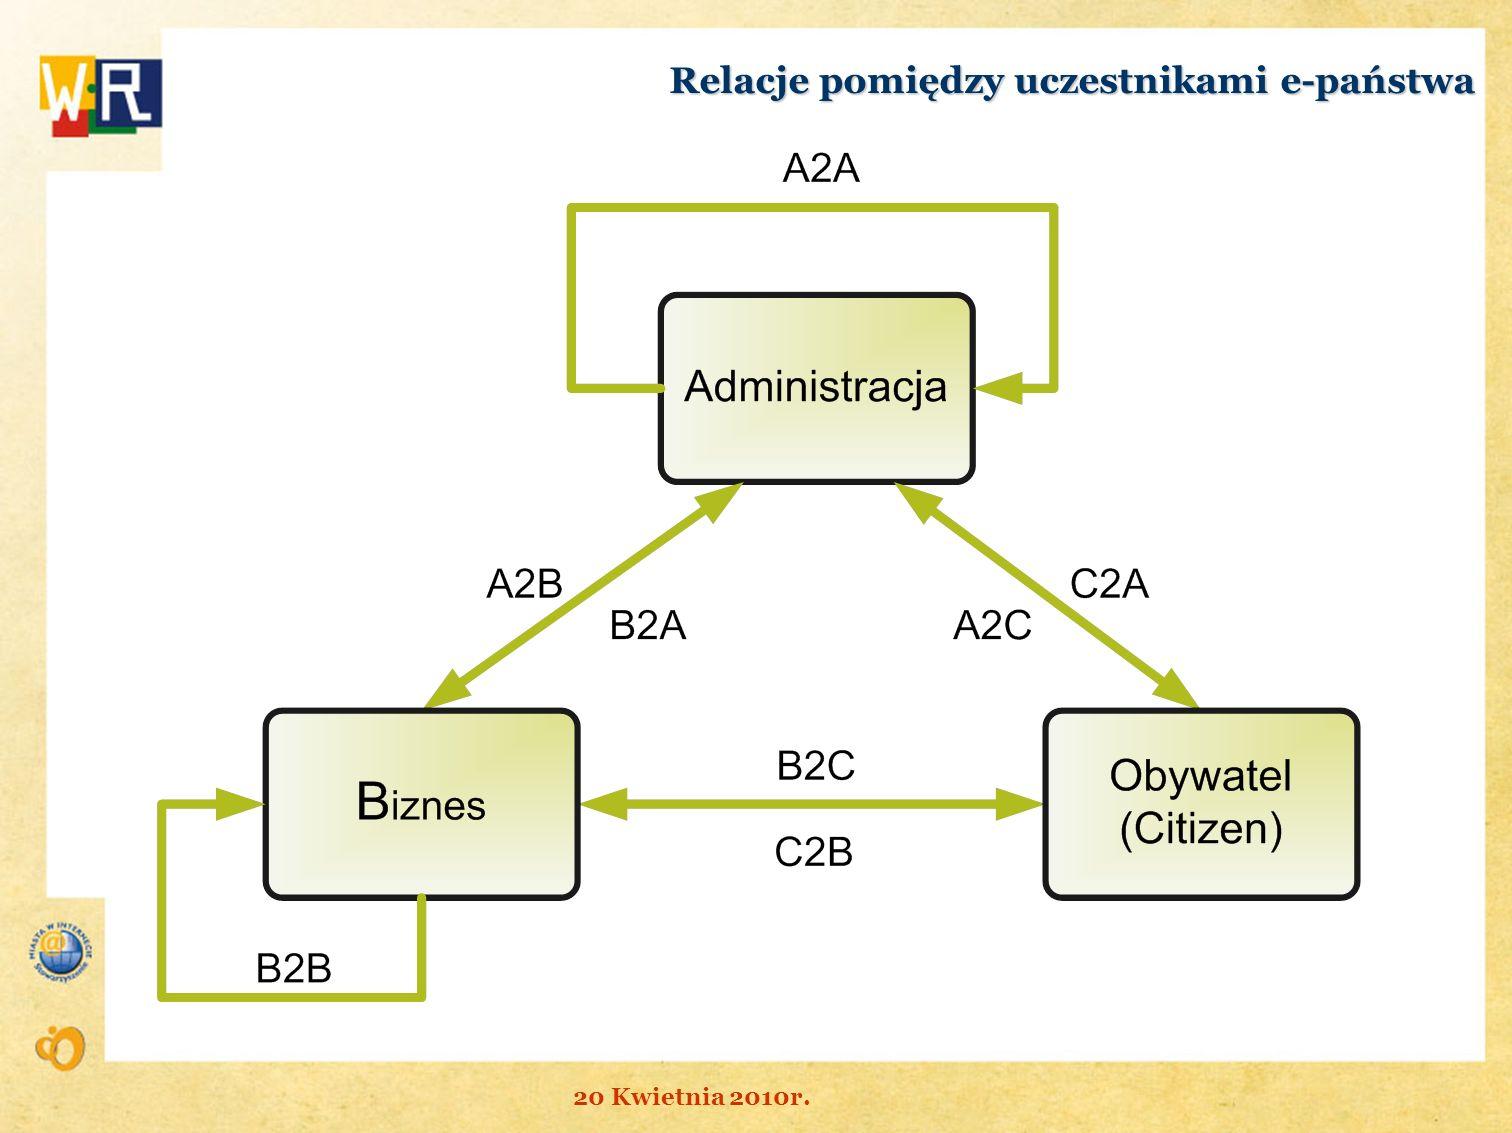 Relacje pomiędzy uczestnikami e-państwa